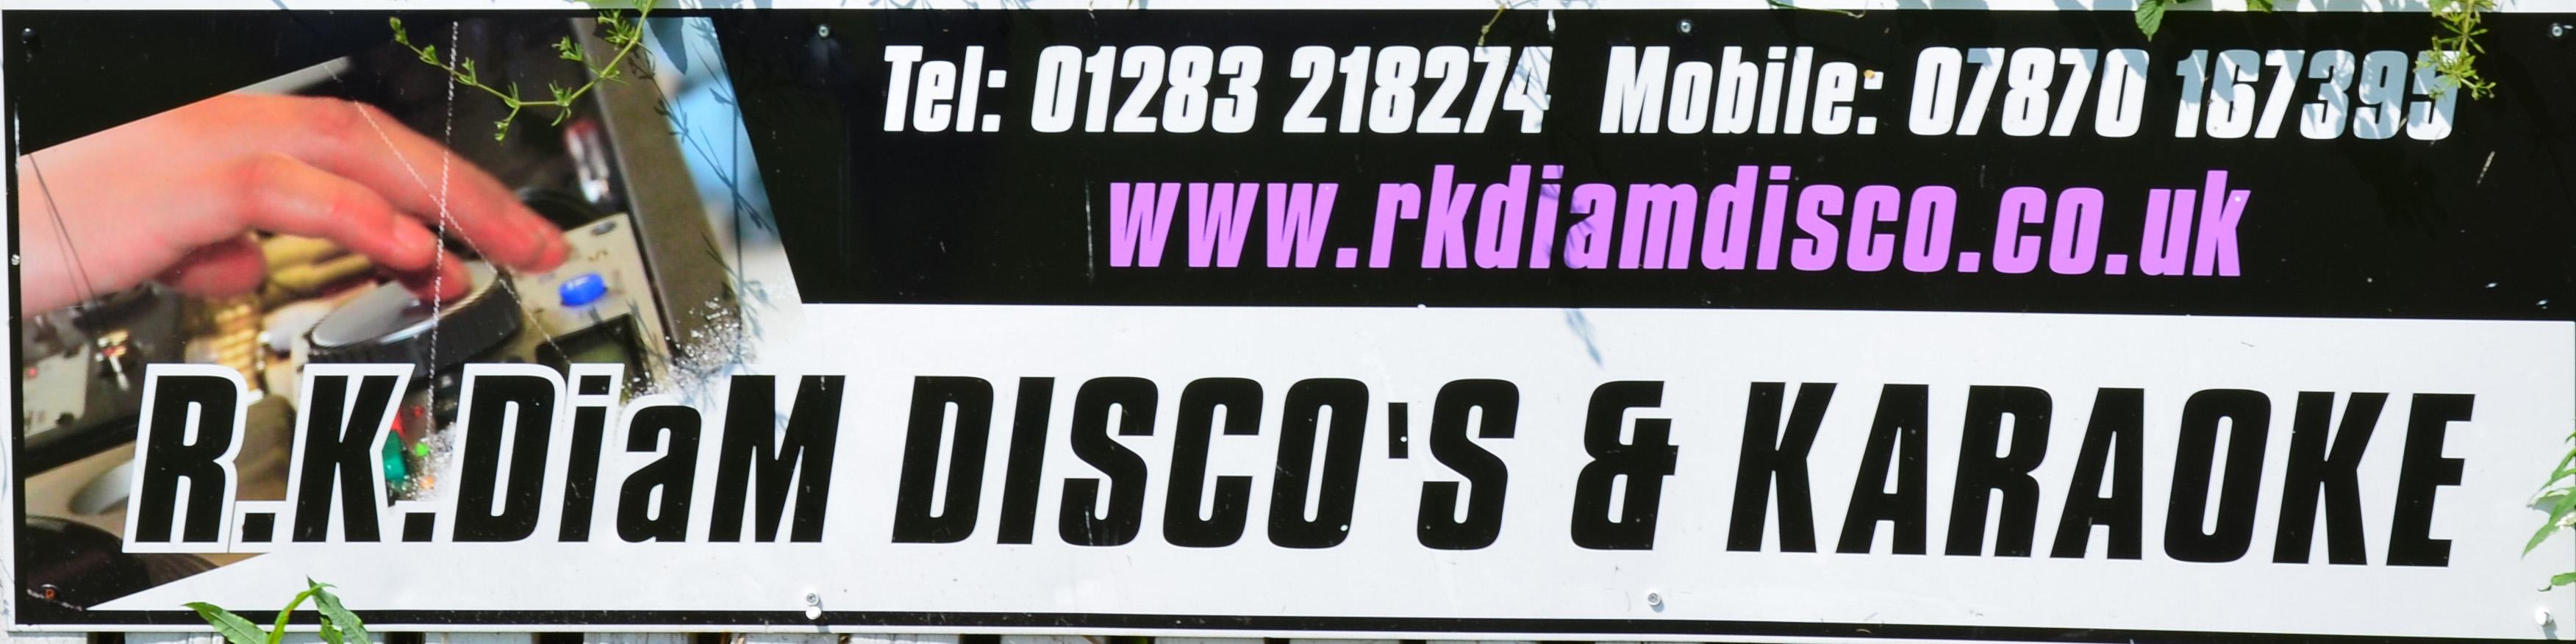 R.K. DiaM  Disco & Karaoke